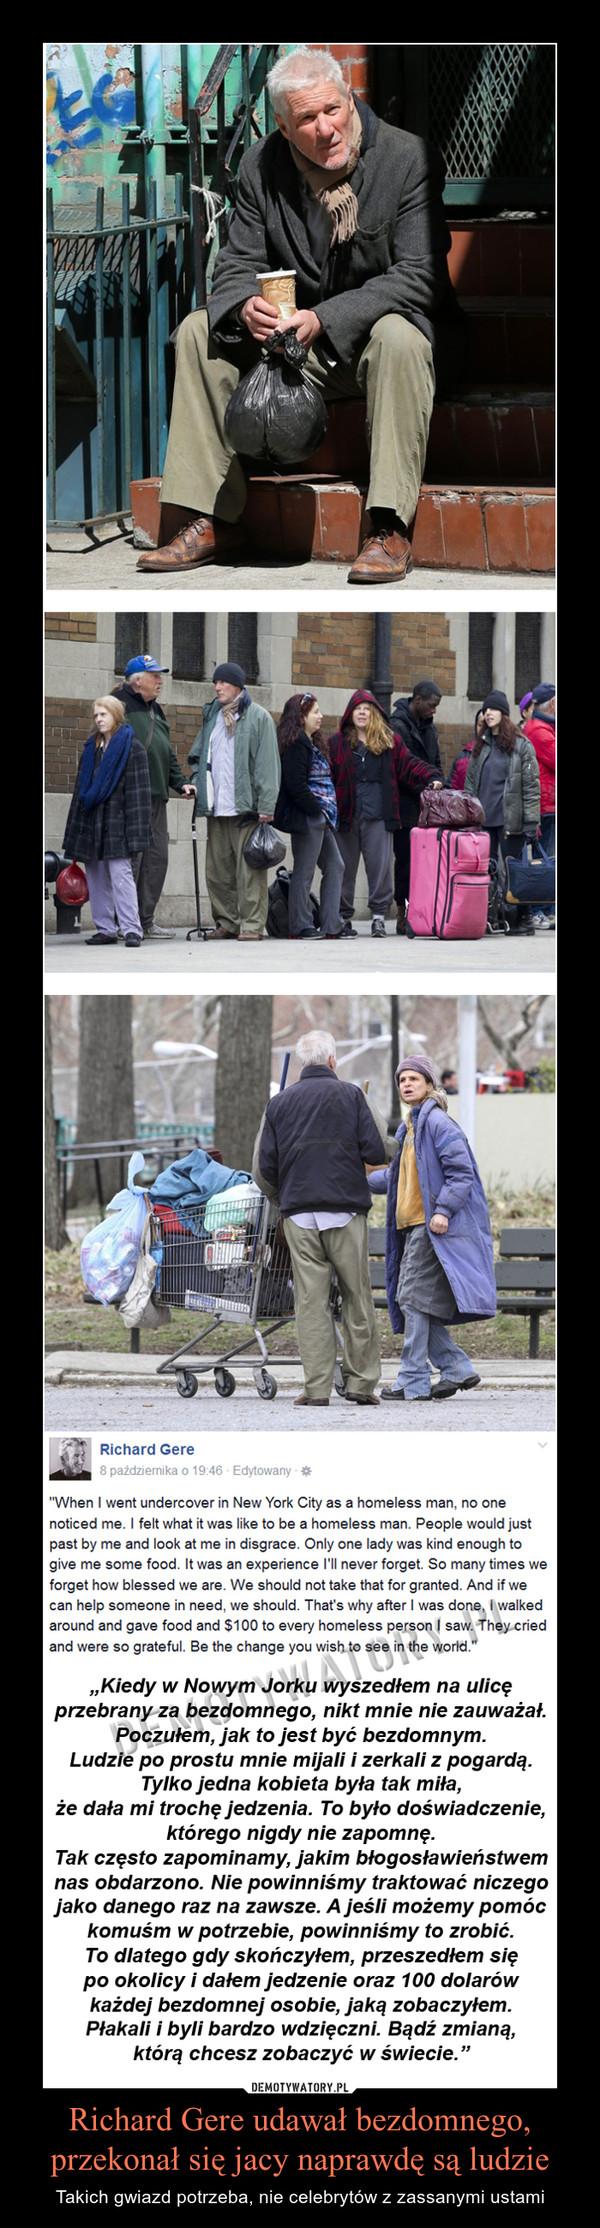 Richard Gere udawał bezdomnego,przekonał się jacy naprawdę są ludzie – Takich gwiazd potrzeba, nie celebrytów z zassanymi ustami Kiedy w Nowym Jorku wyszedłem na ulicę przebrany za bezdomnego, nikt mnie nie zauważał. Poczułem, jak to jest być bezdomnym. Ludzie po prostu mnie mijali i zerkali z pogardą. Tylko jedna kobieta była tak miła, że dała mi trochę jedzenia. To było doświadczenie, którego nigdy nie zapomnę. Tak często zapominamy, jakim błogosławieństwem nas obdarzono. Nie powinniśmy traktować niczego jako danego raz na zawsze. A jeśli możemy pomóc komuś w potrzebie, powinniśmy to zrobić. To dlatego gdy skończyłem, przeszedłem się po okolicy i dałem jedzenie oraz 100 dolarów każdej bezdomnej osobie, jaką zobaczyłem. Płakali i byli bardzo wdzięczni. Bądź zmianą, którą chcesz zobaczyć w świecie.